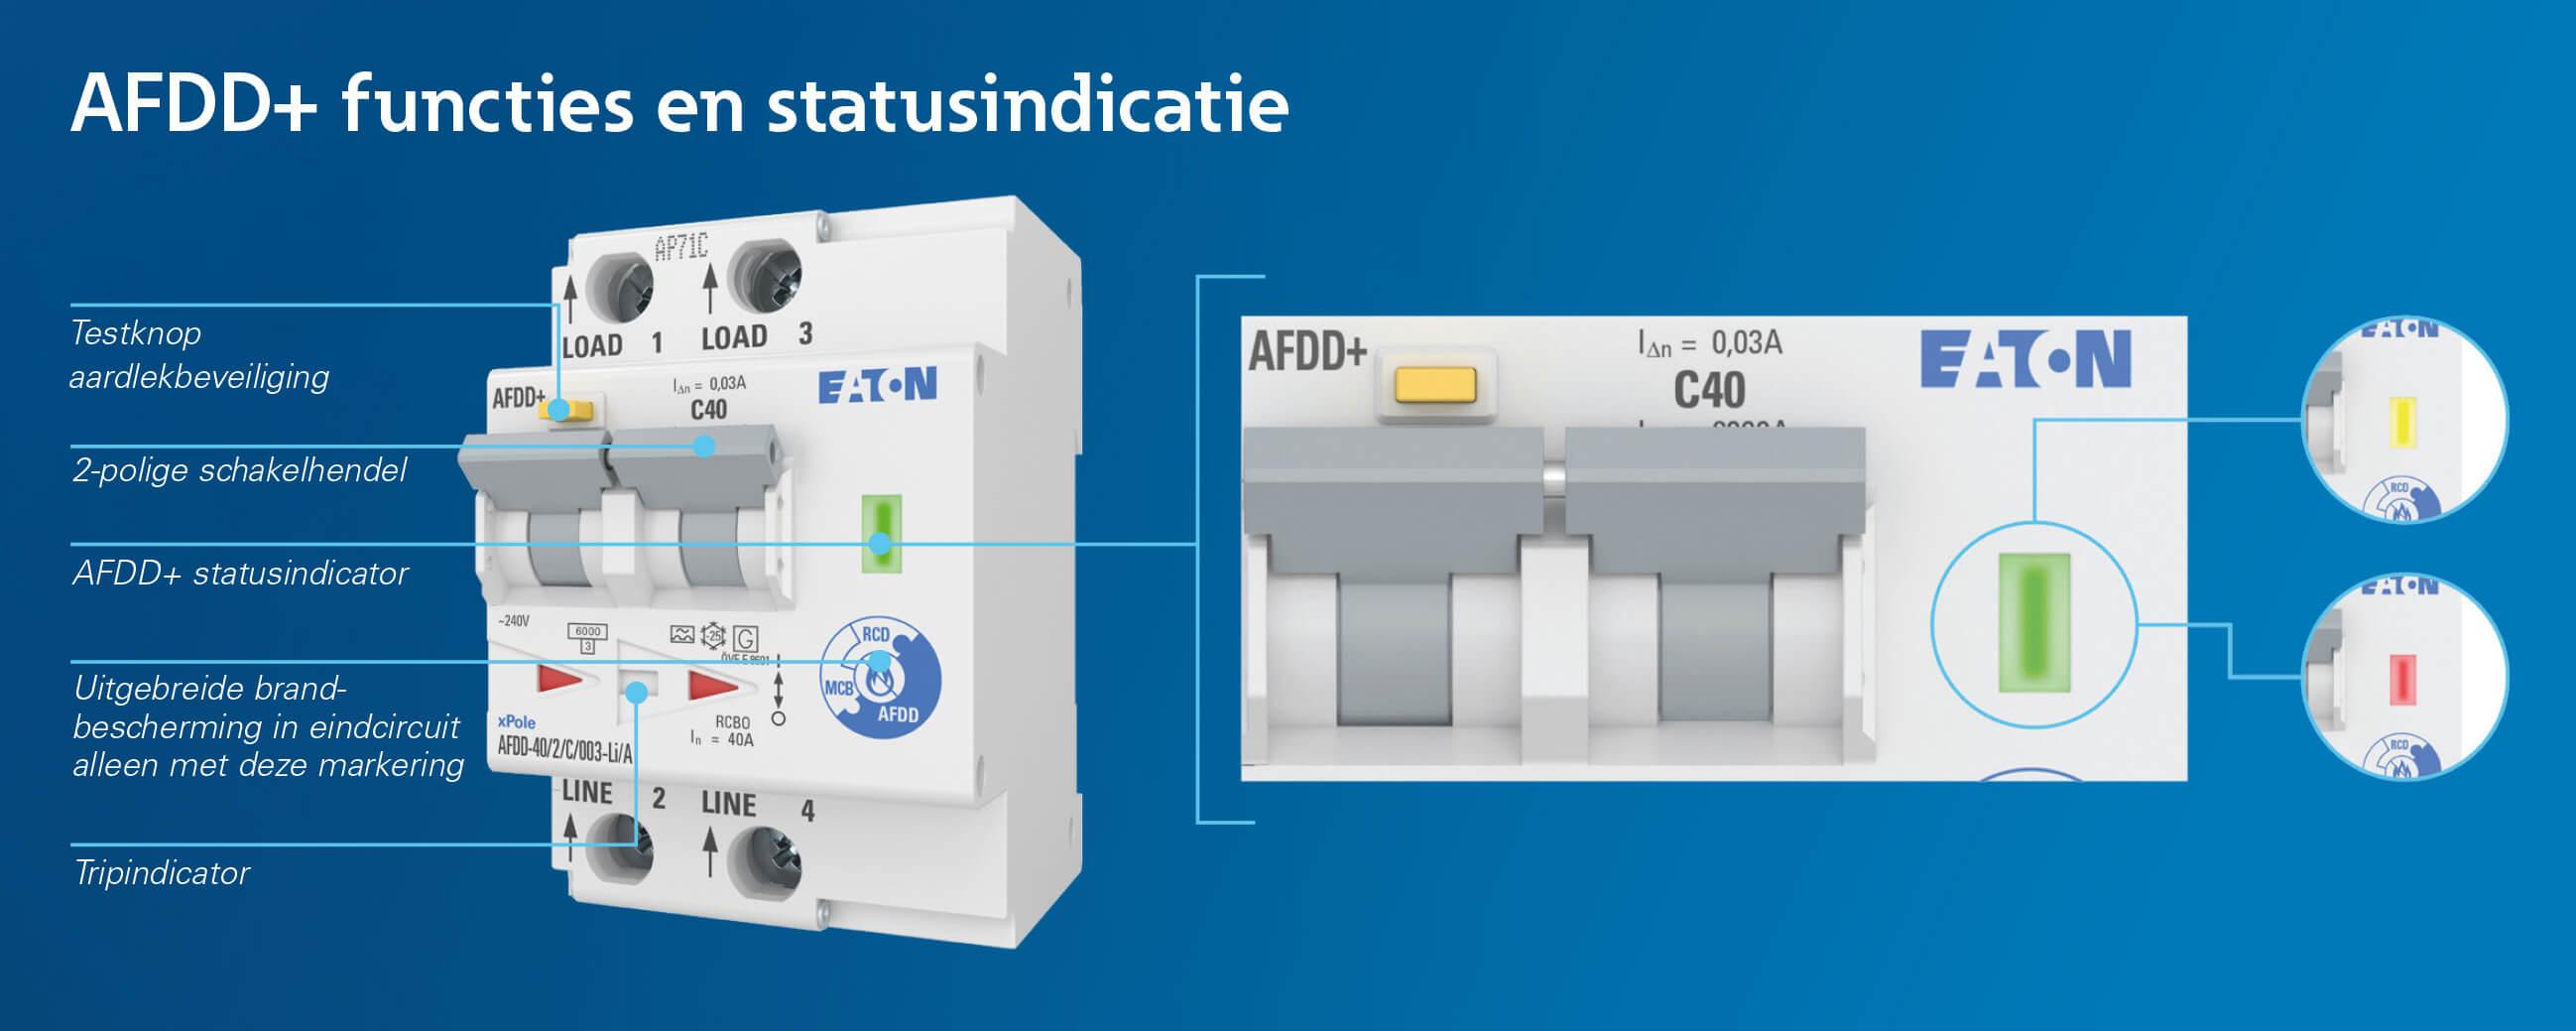 AFDD vlamboogdetectie, de functies